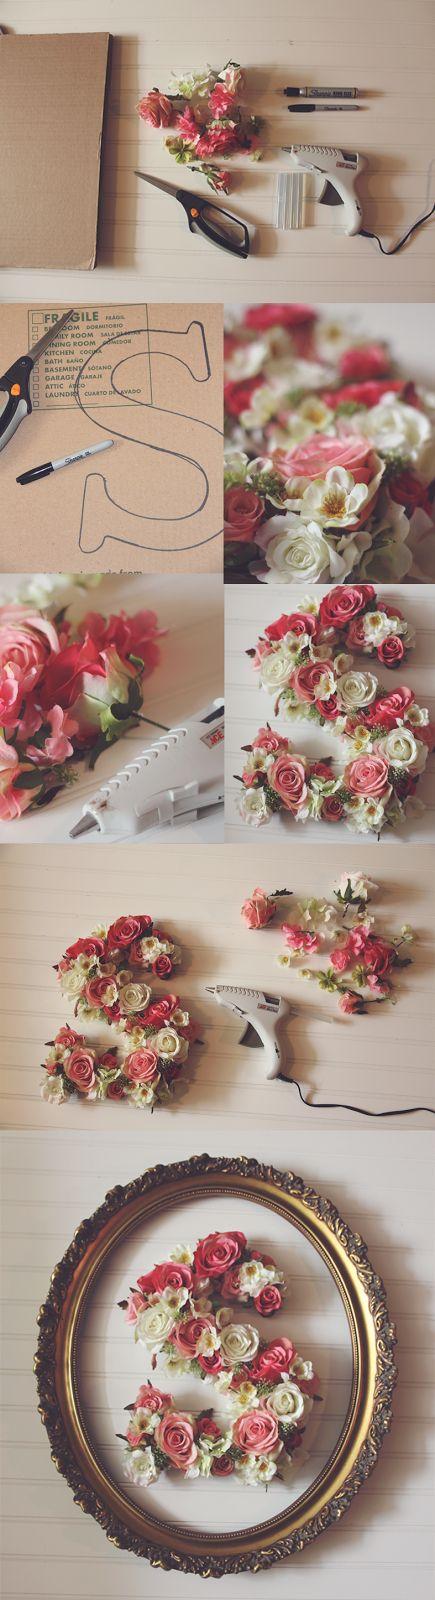 DIY Floral Letter.